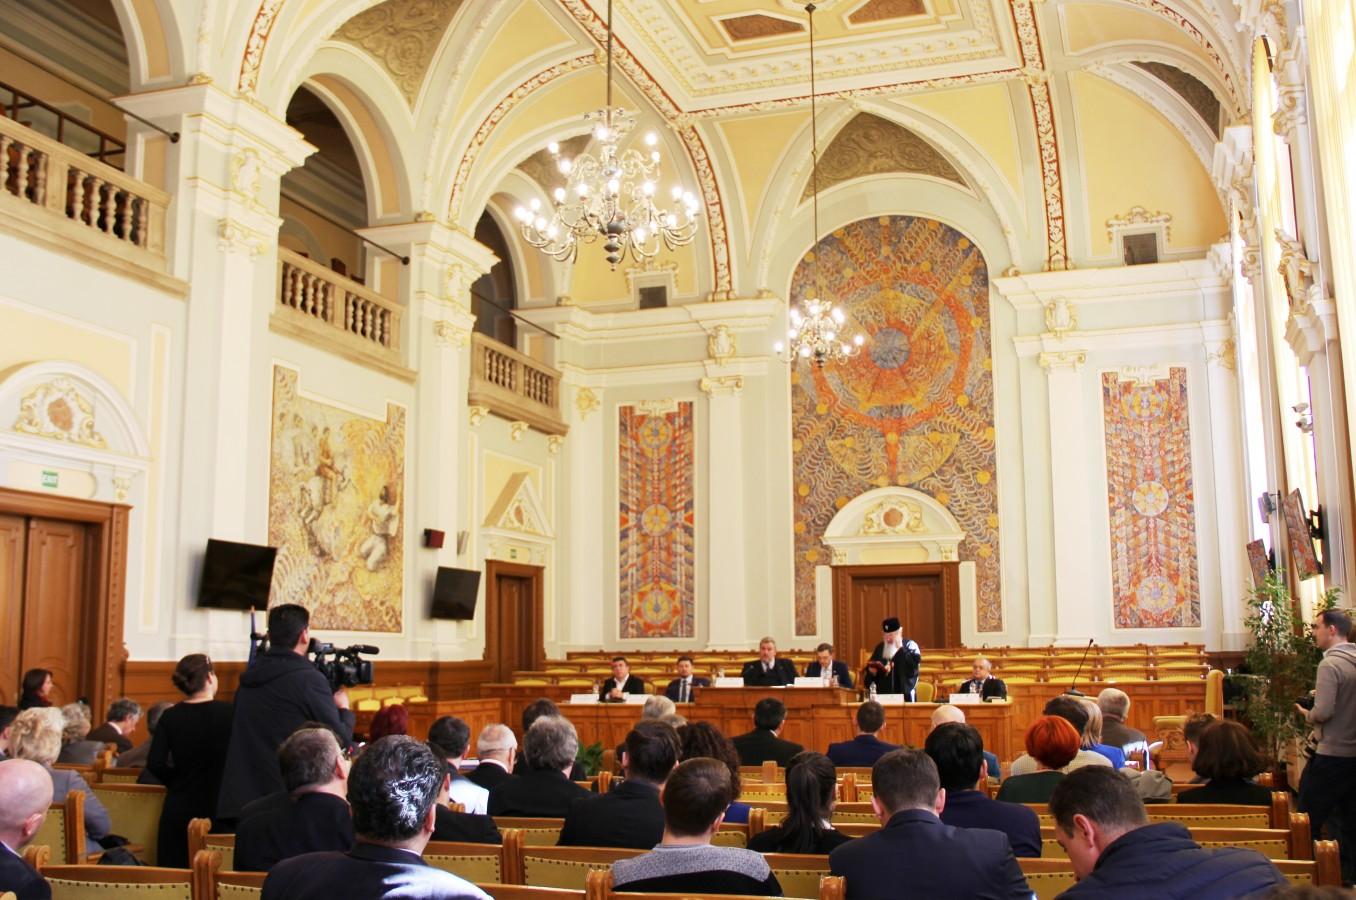 Tradiţii ale presei religioase din România, tema pusă în discuție la a X-a ediție a Congresului Național de Istorie a Presei organizat la Cluj